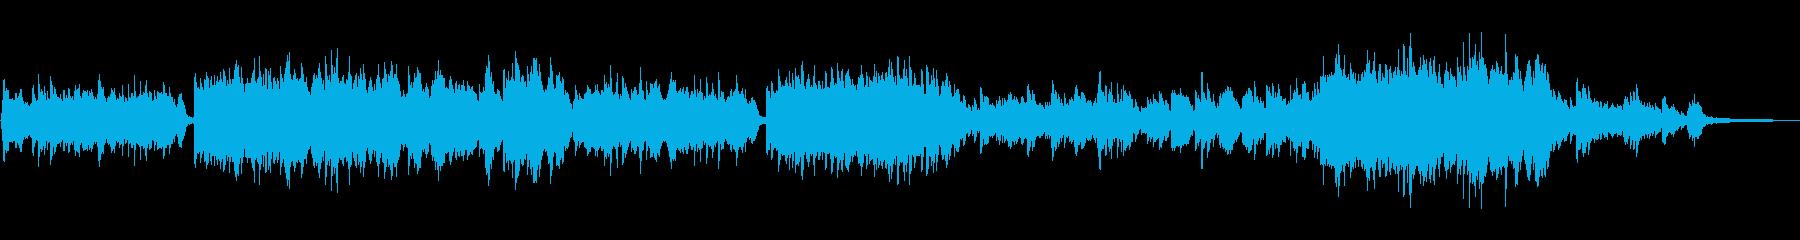 ほんのり和風のミドルテンポのピアノソロの再生済みの波形